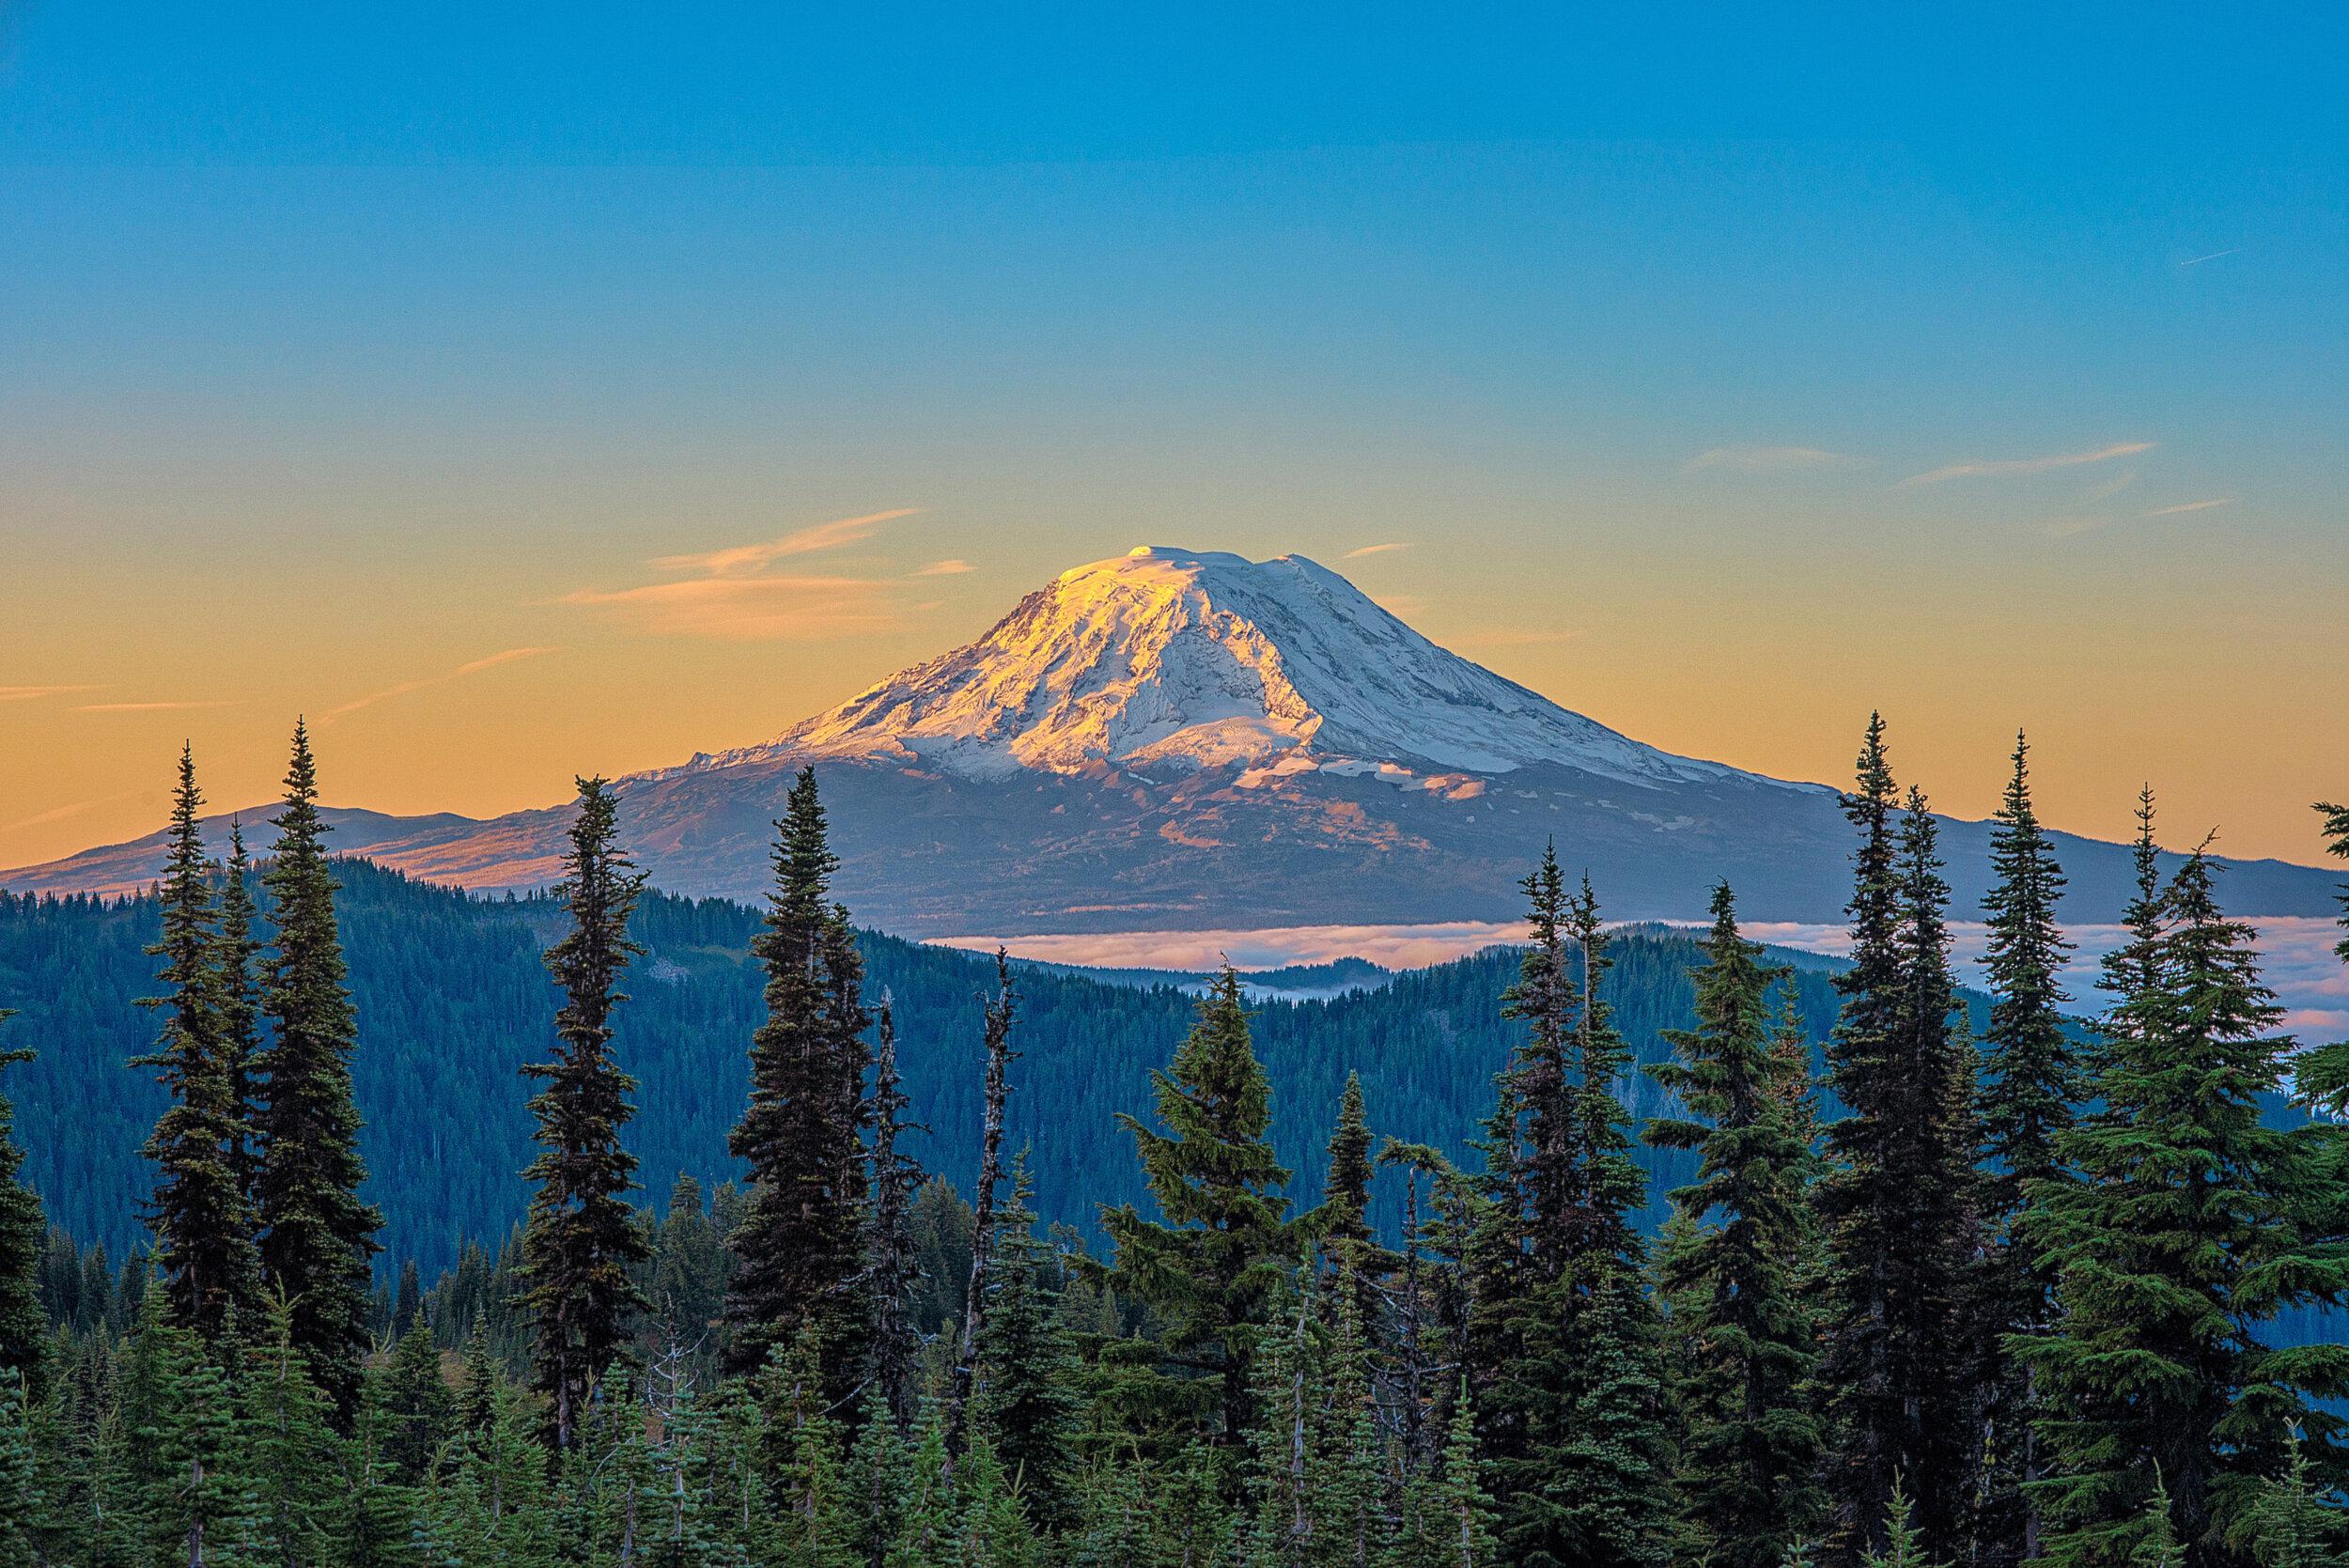 Sunrise on Mt Adams 09-21-19